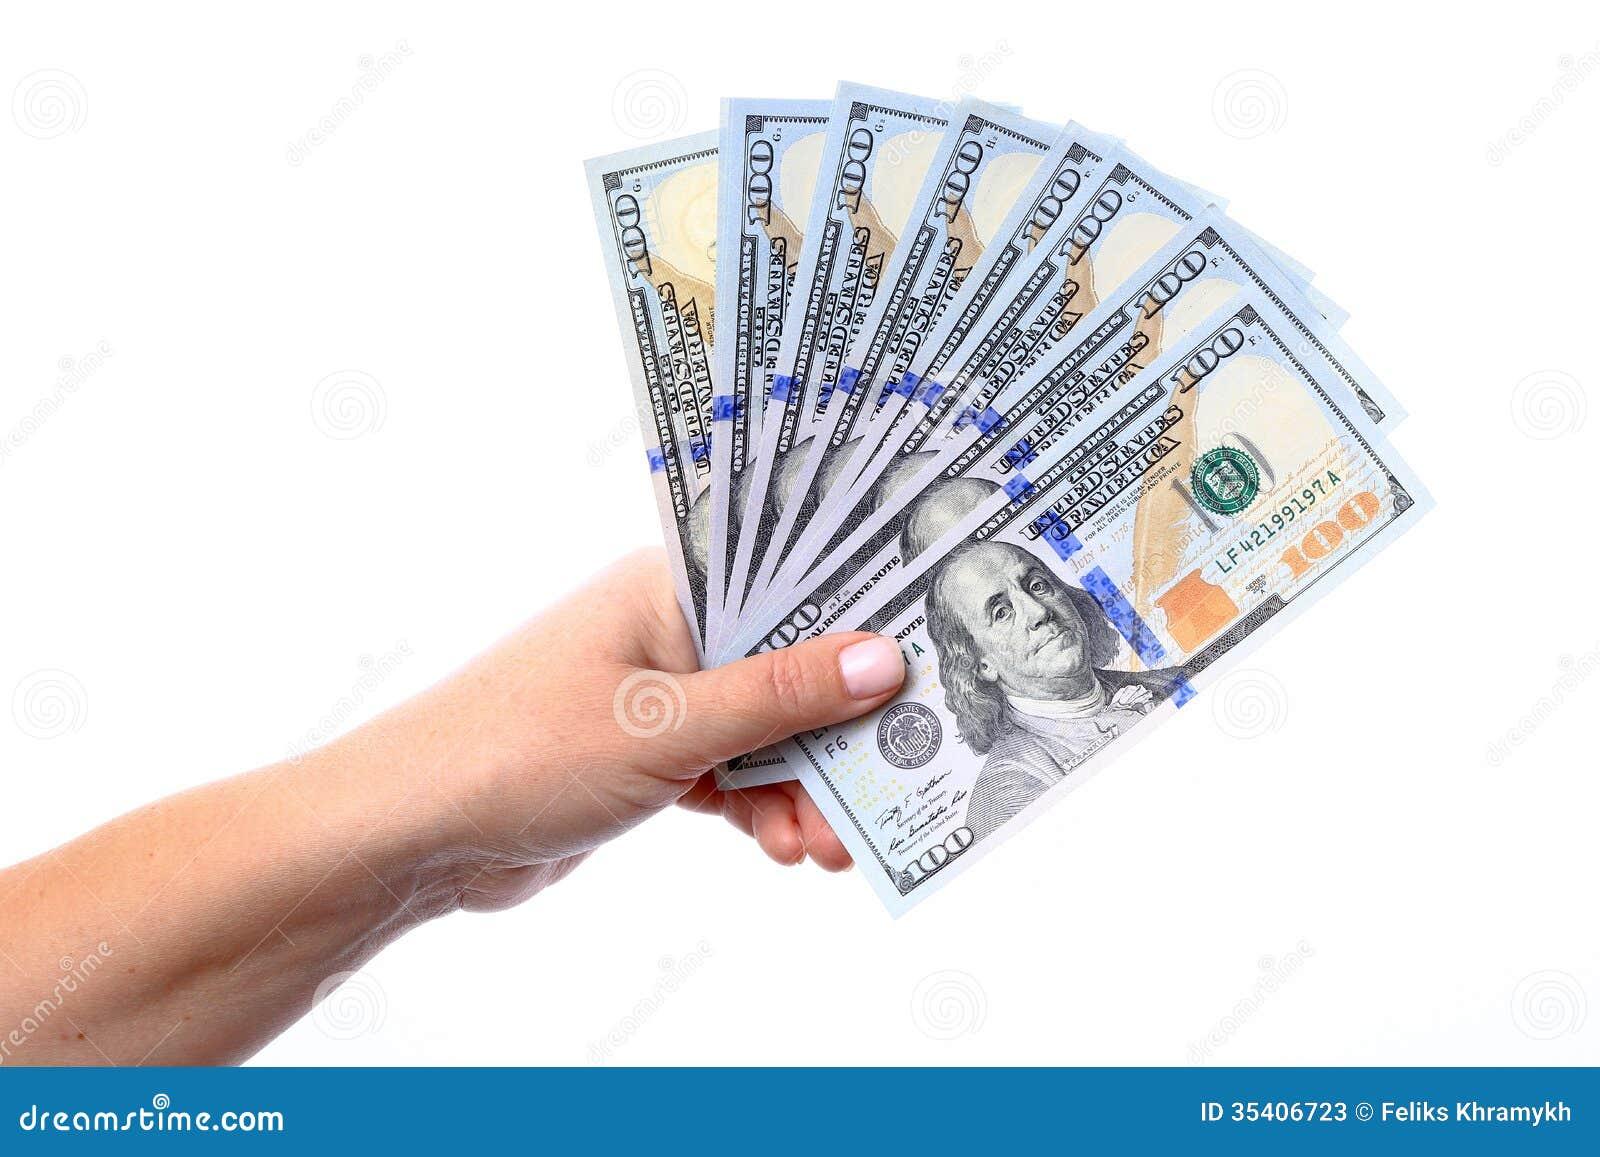 New Hundred Dollar Bills in Hand